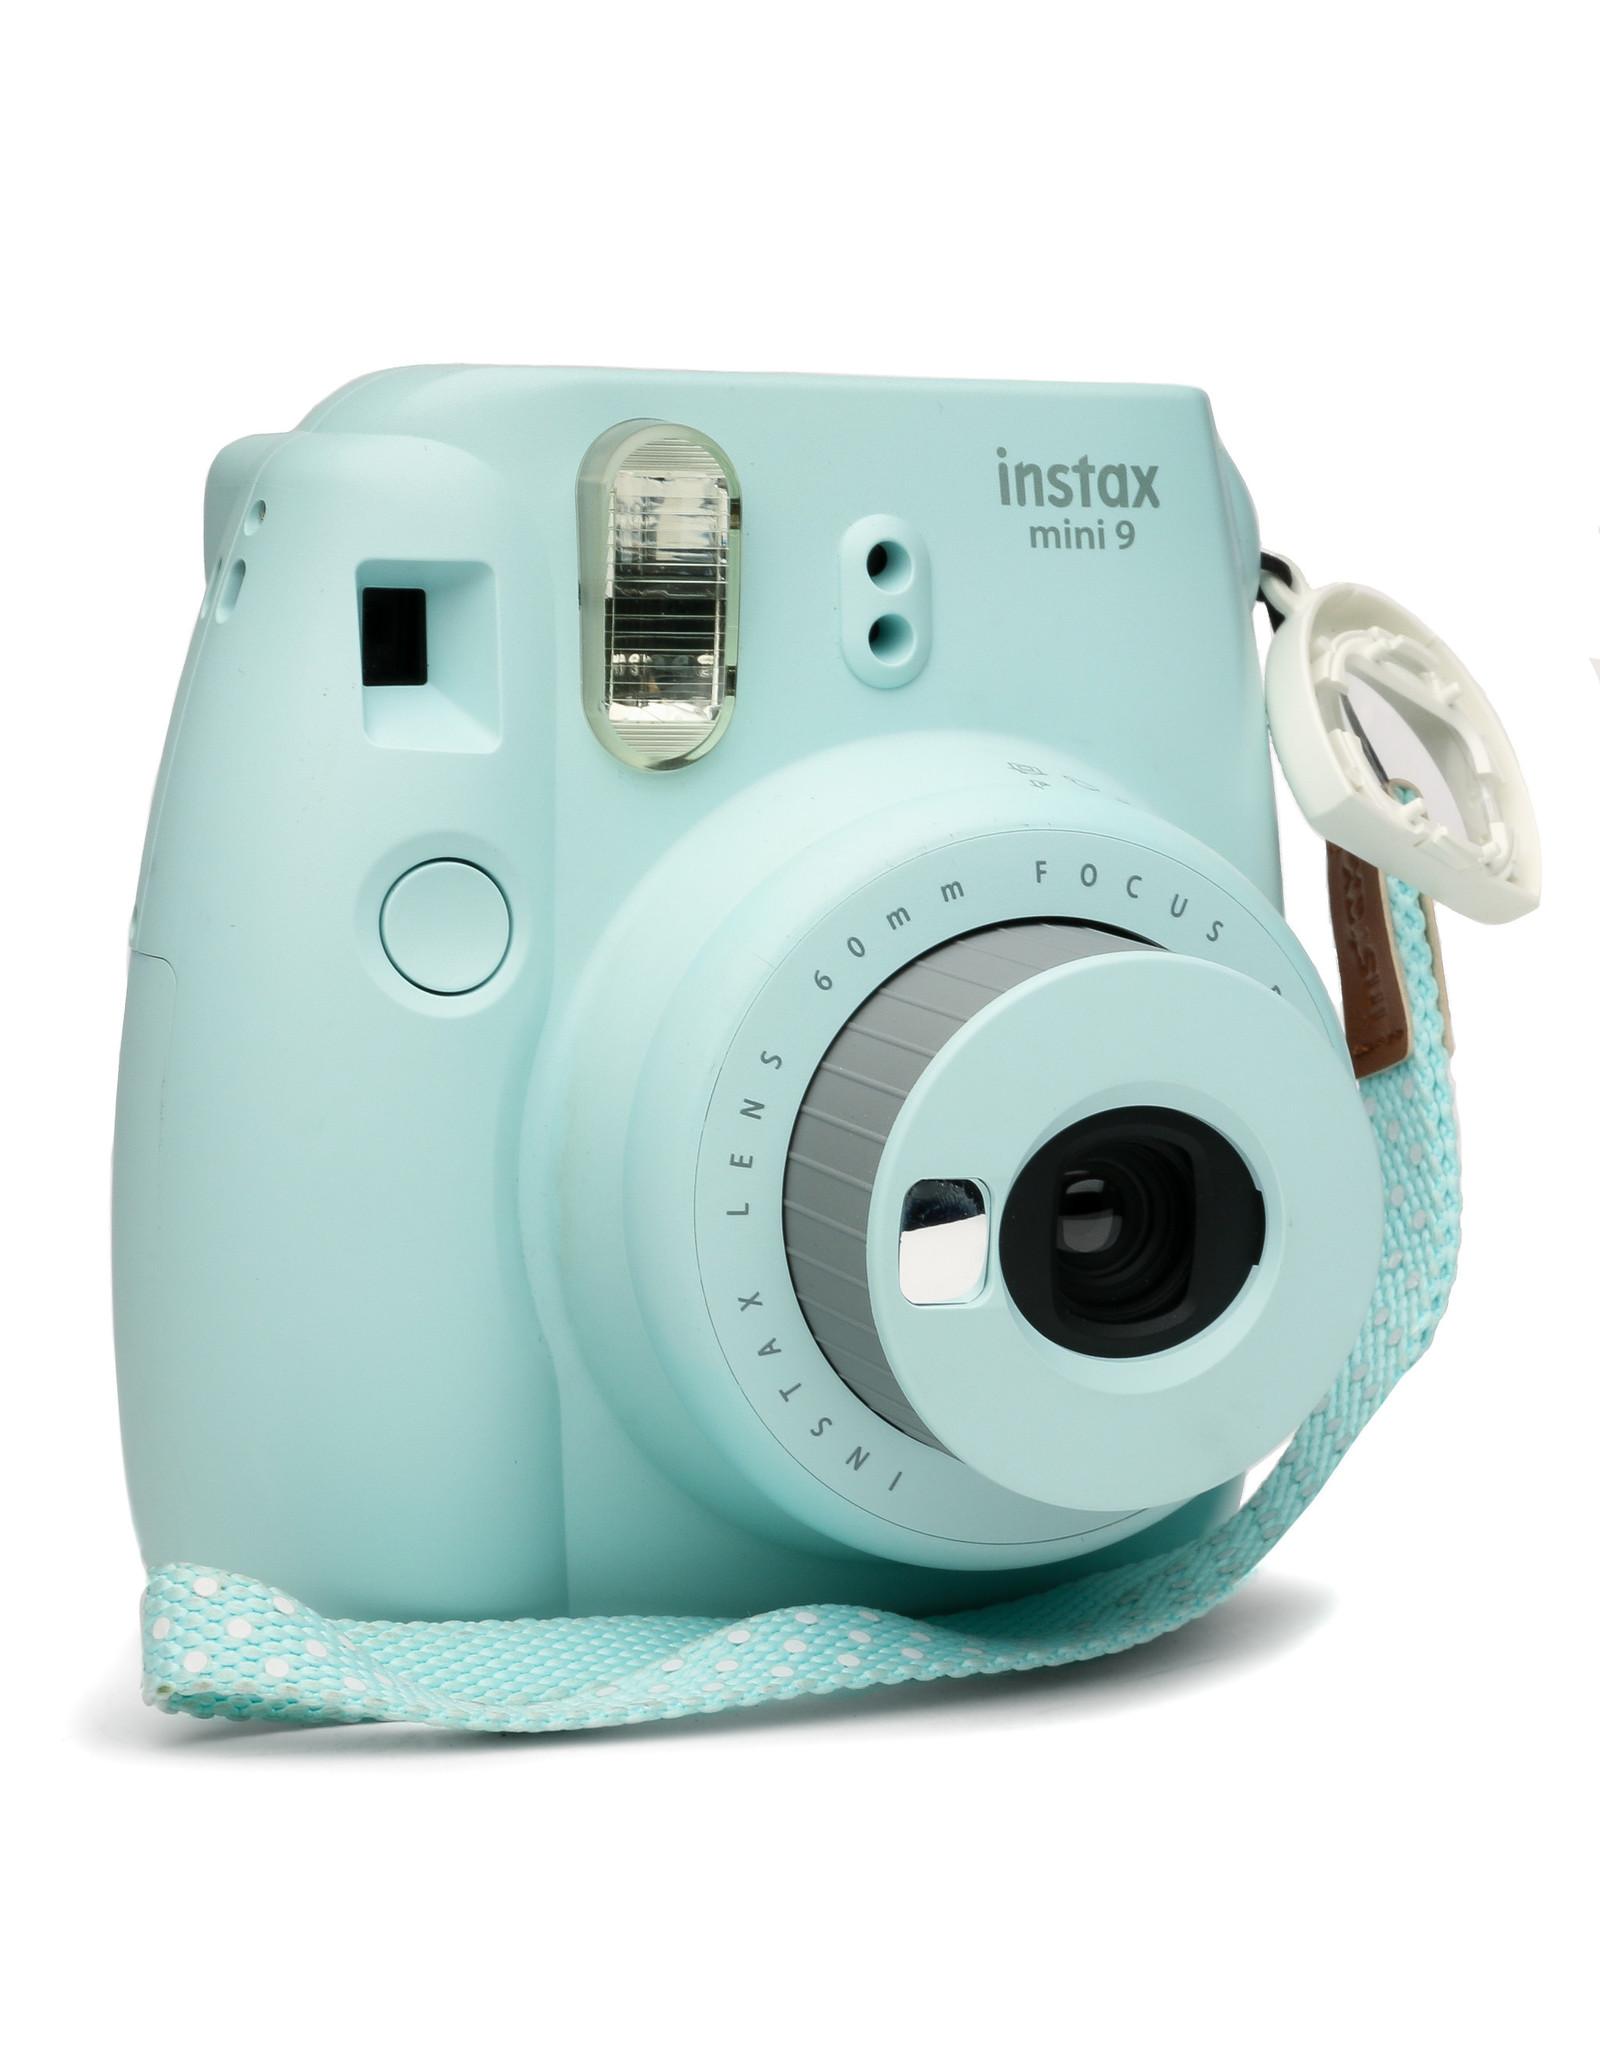 Fuji Fuji Instax Mini 8 Instant Film Camera (Blue) used